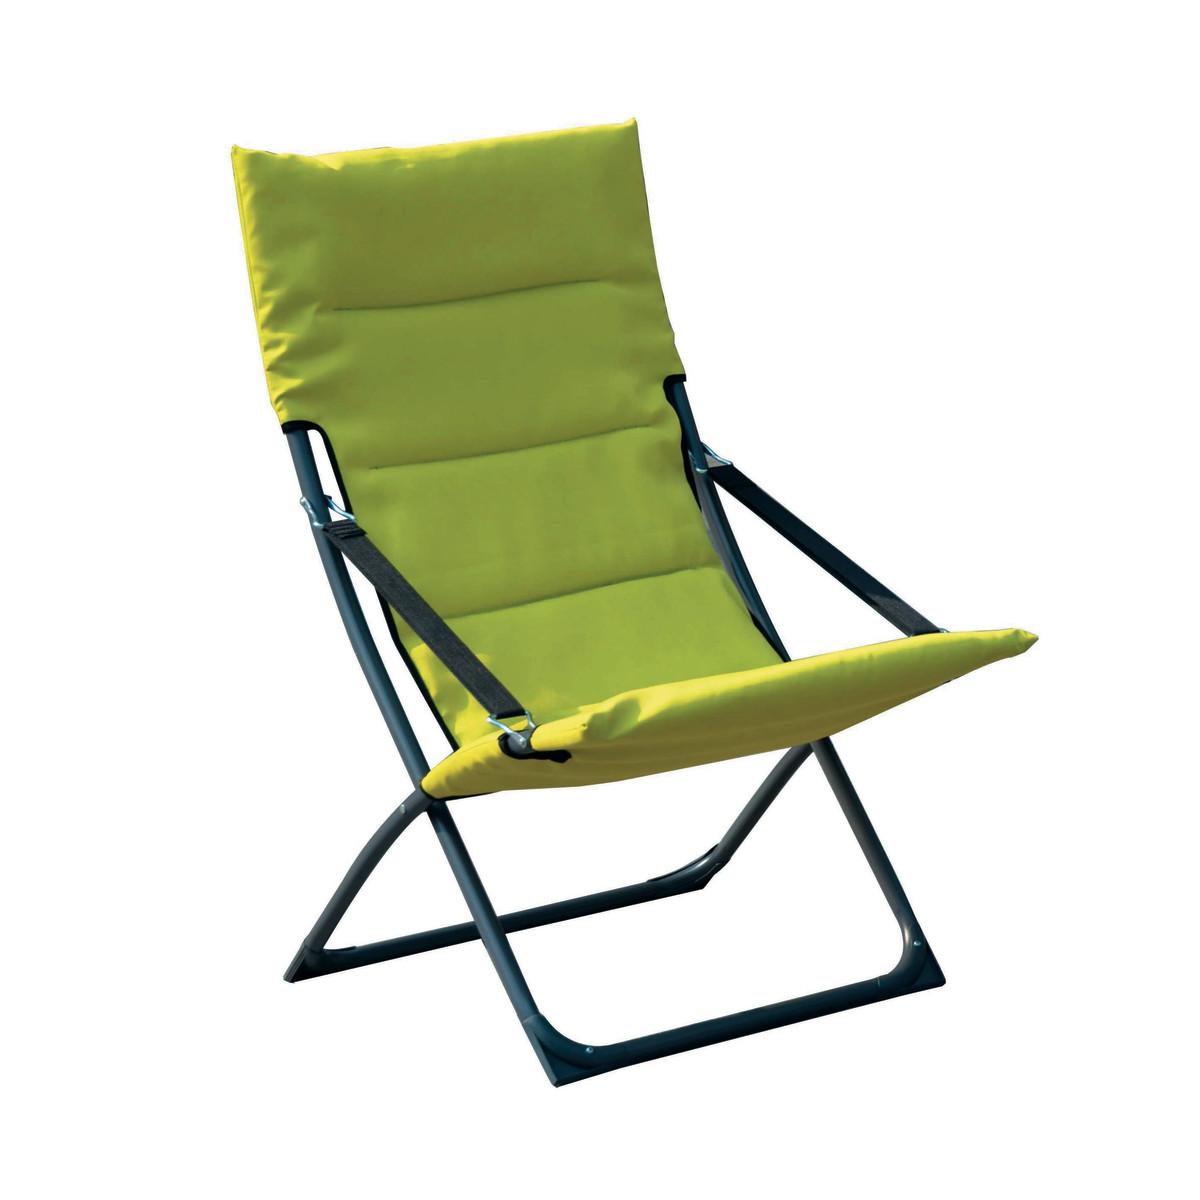 Poltrona Relax Imbottita Leslie : Poltrona relax con alzapiedi prezzo e offerte sottocosto